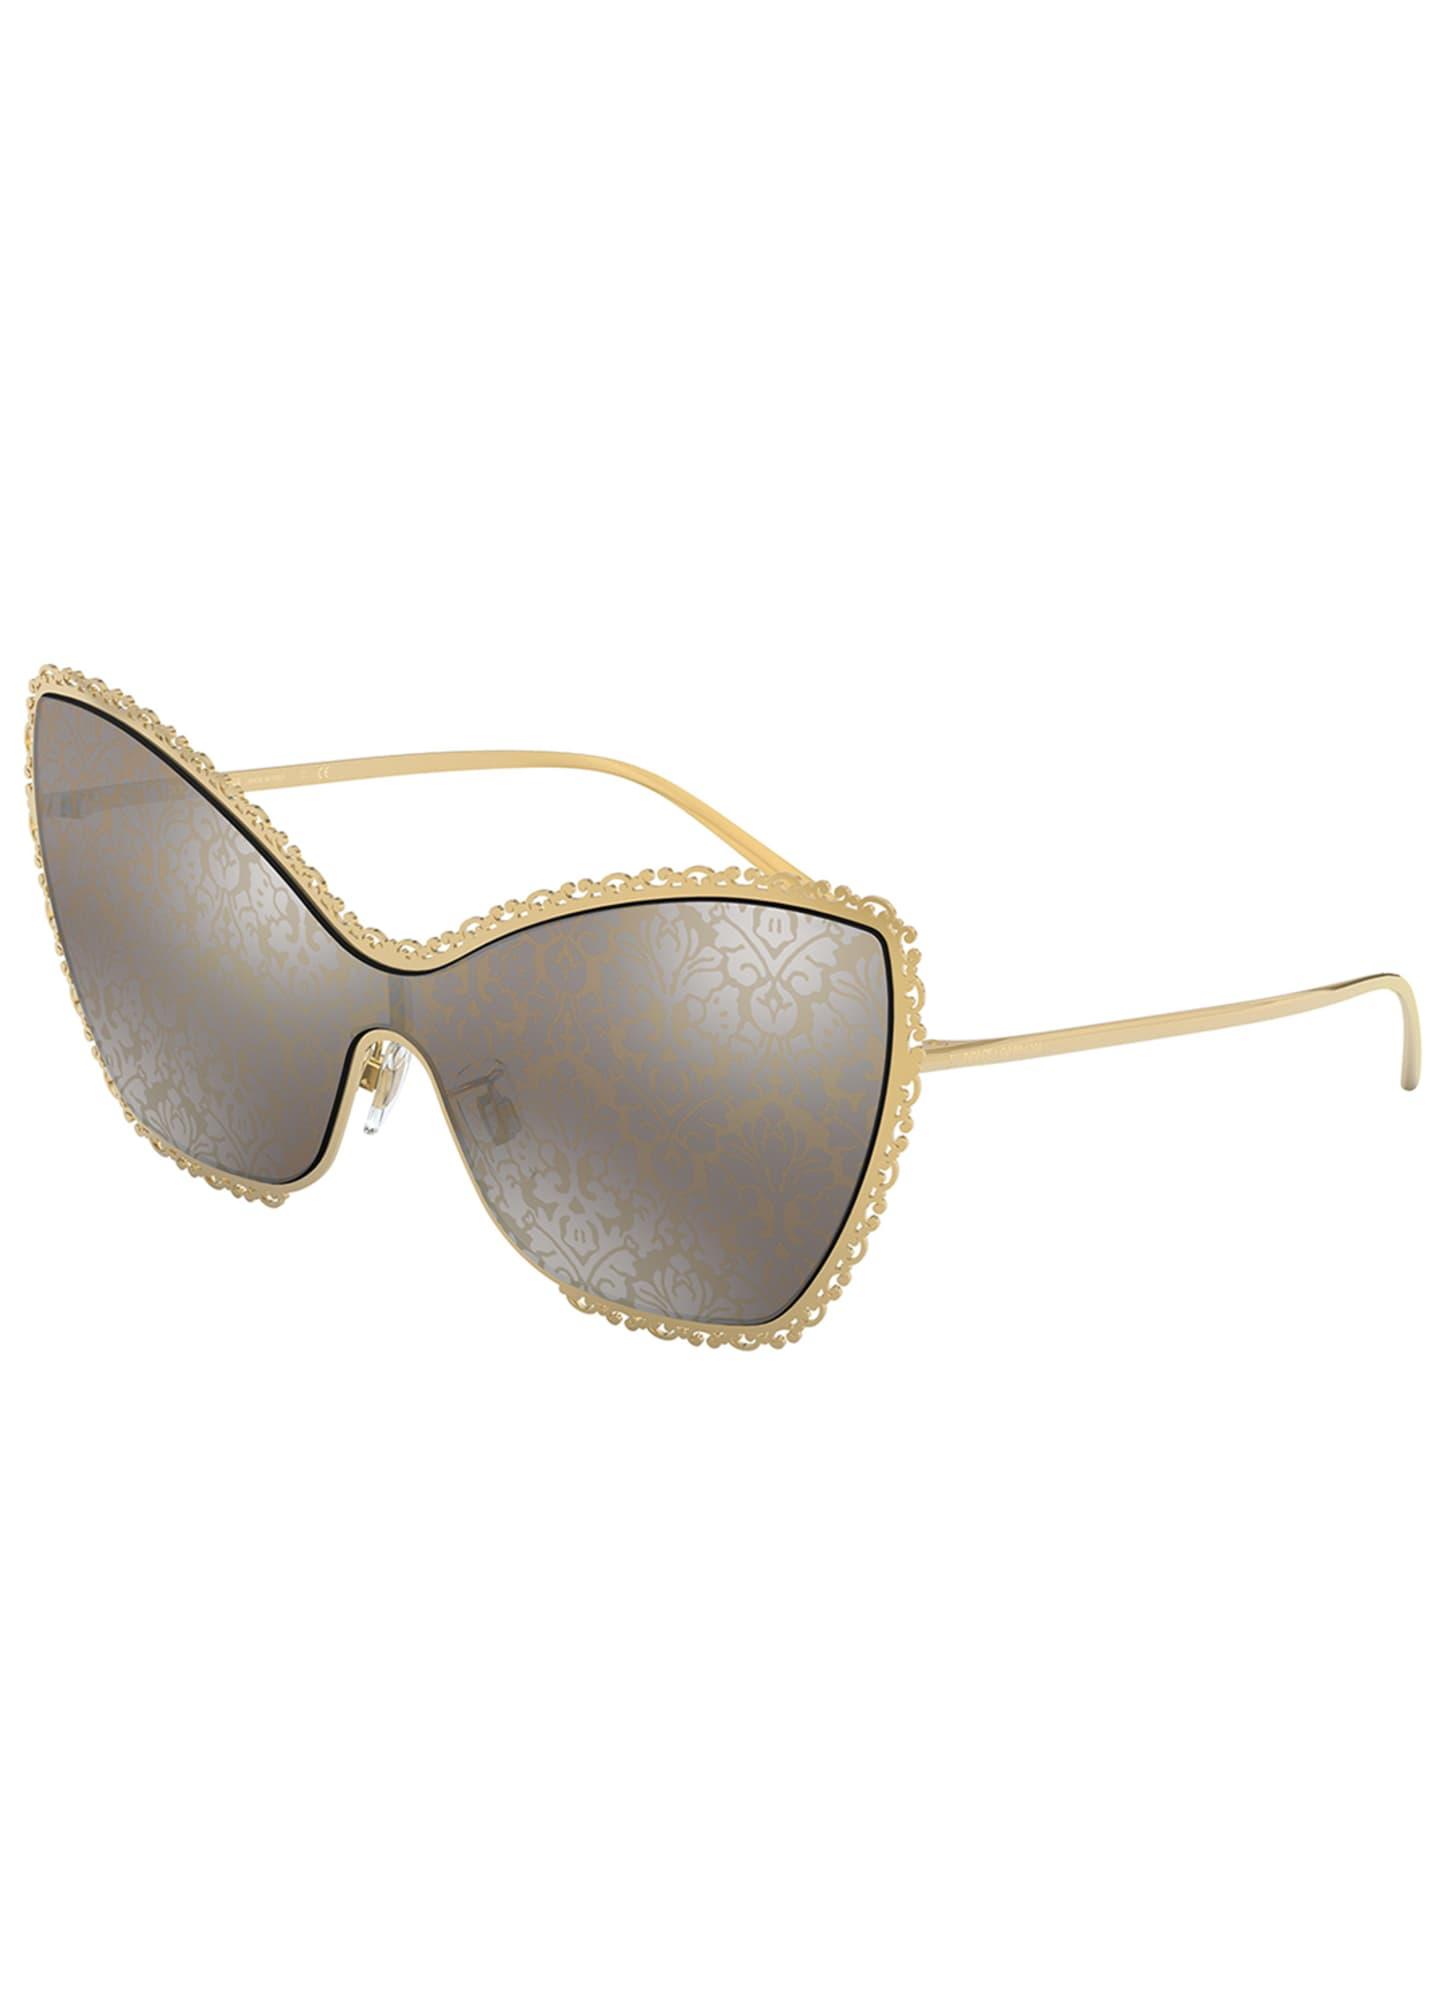 Dolce & Gabbana Damask Print Cat-Eye Shield Sunglasses